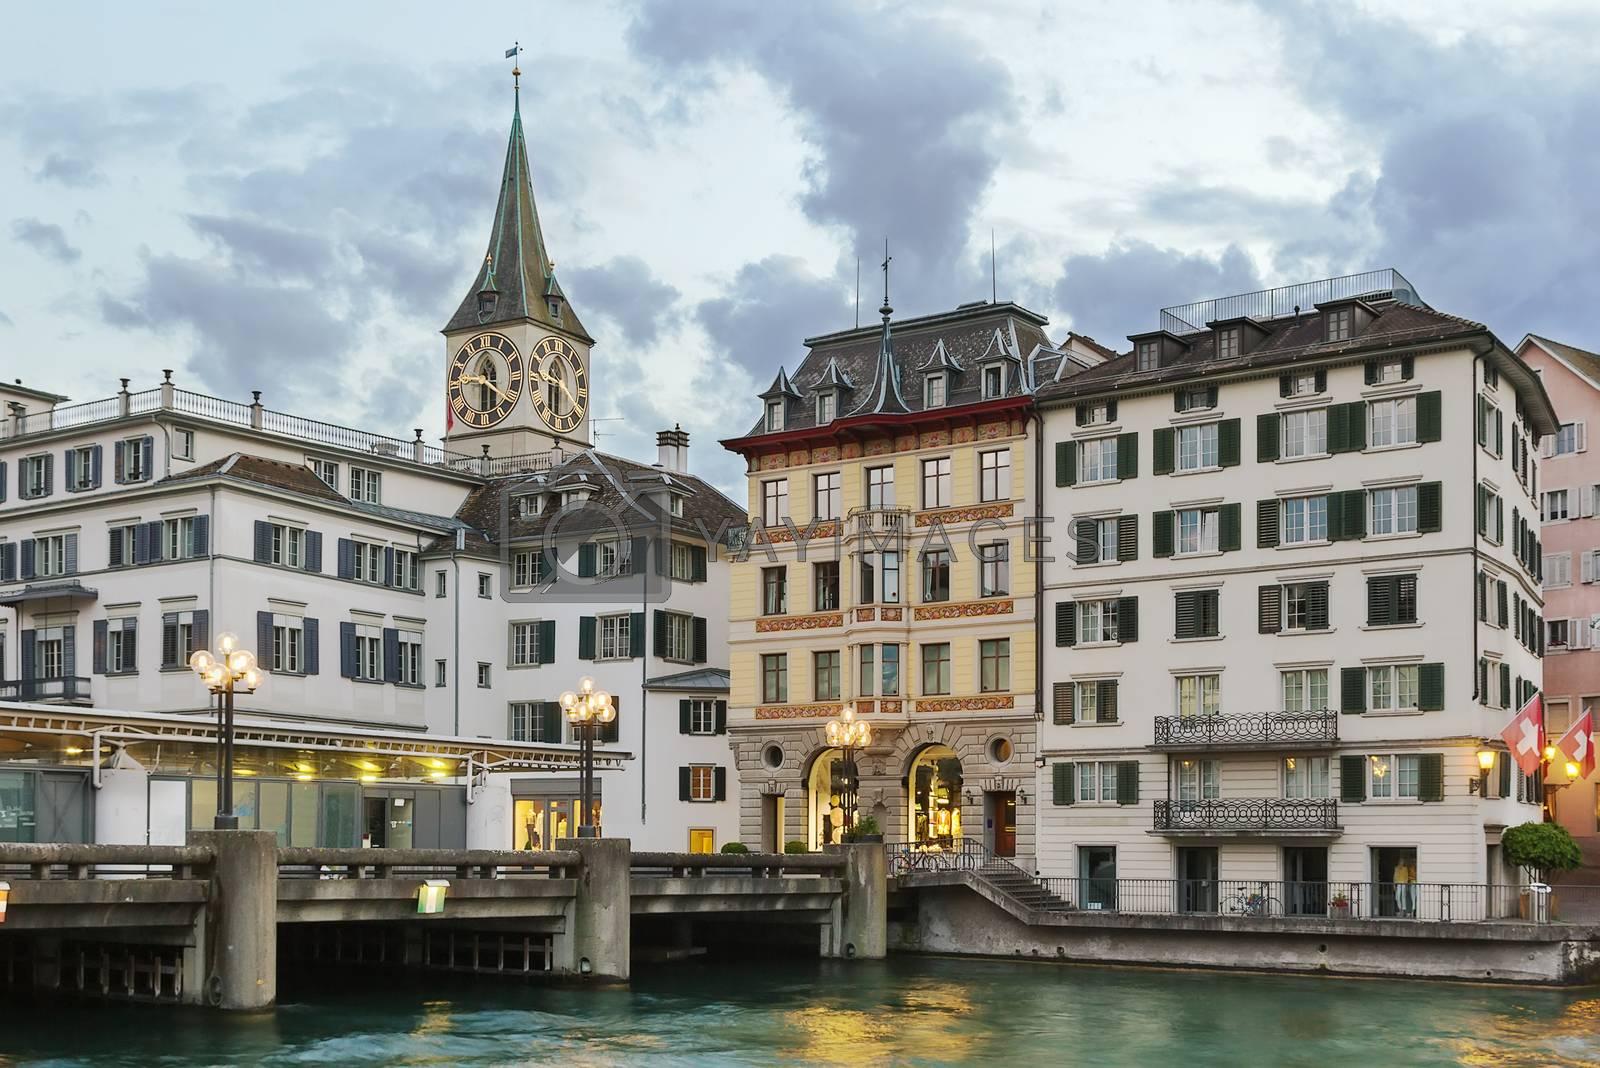 St. Peter church, Zurich by borisb17